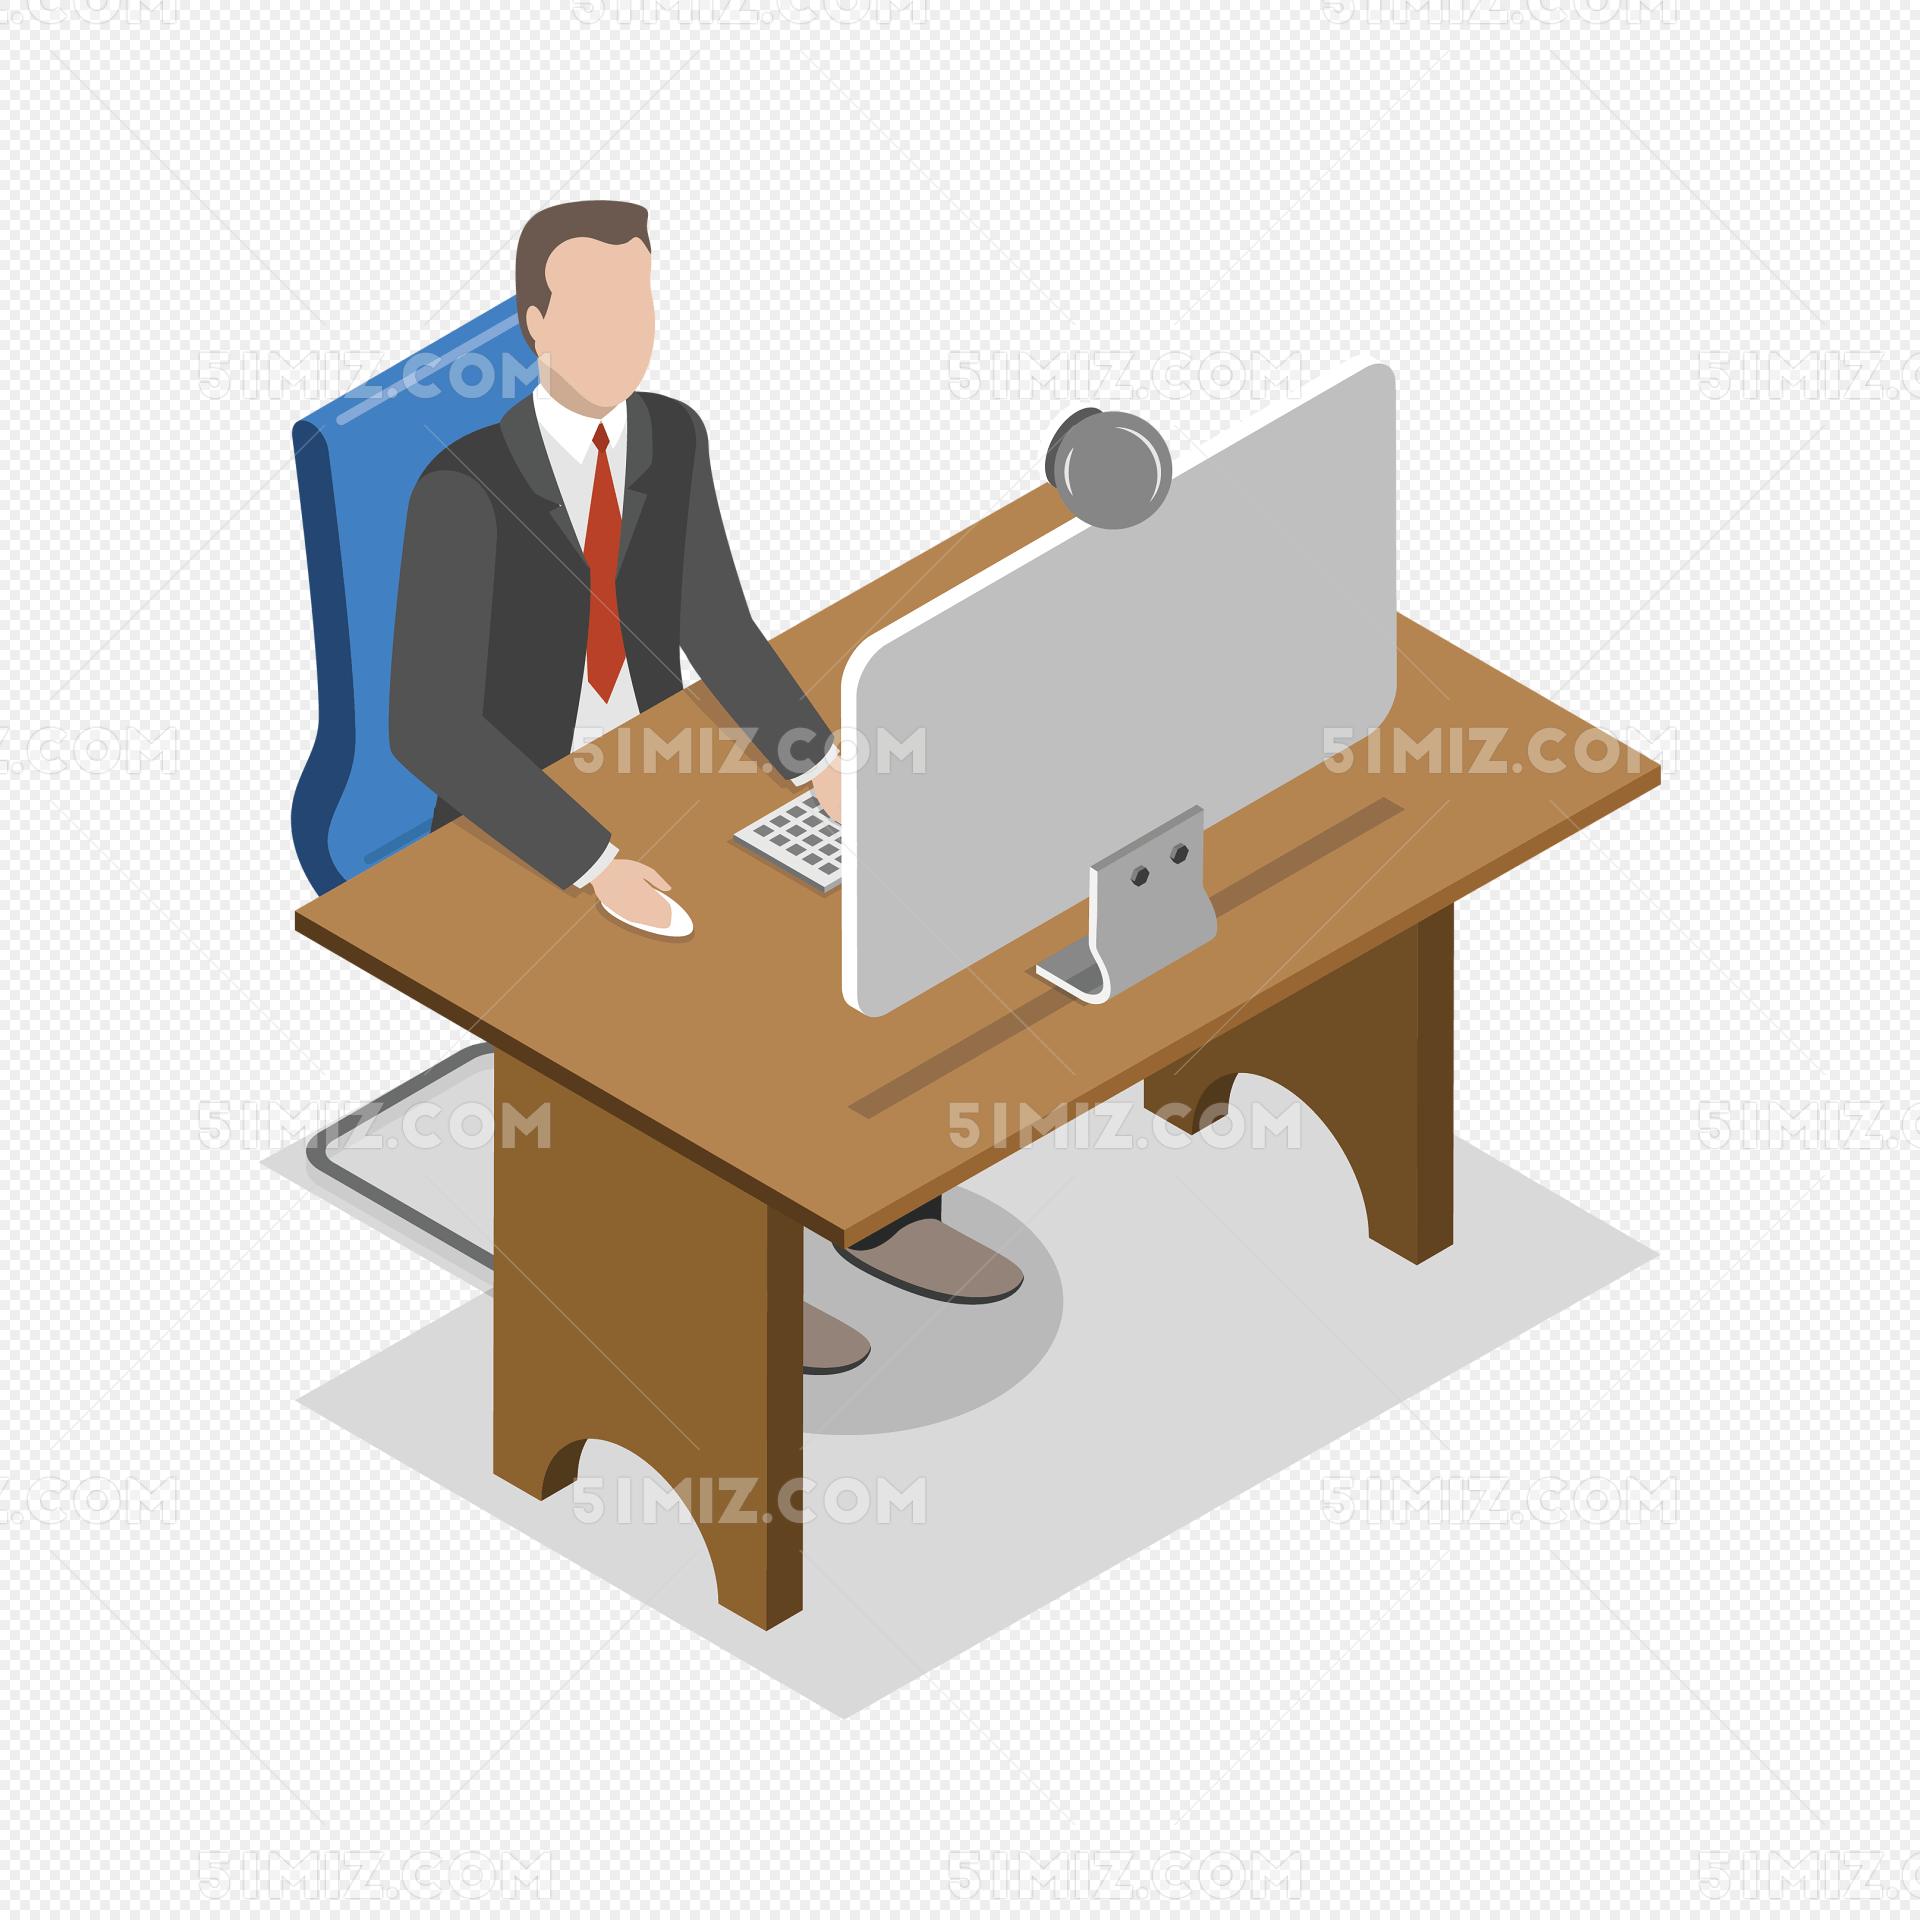 矢量工作人员电脑办公免费下载免费下载_png素材_觅